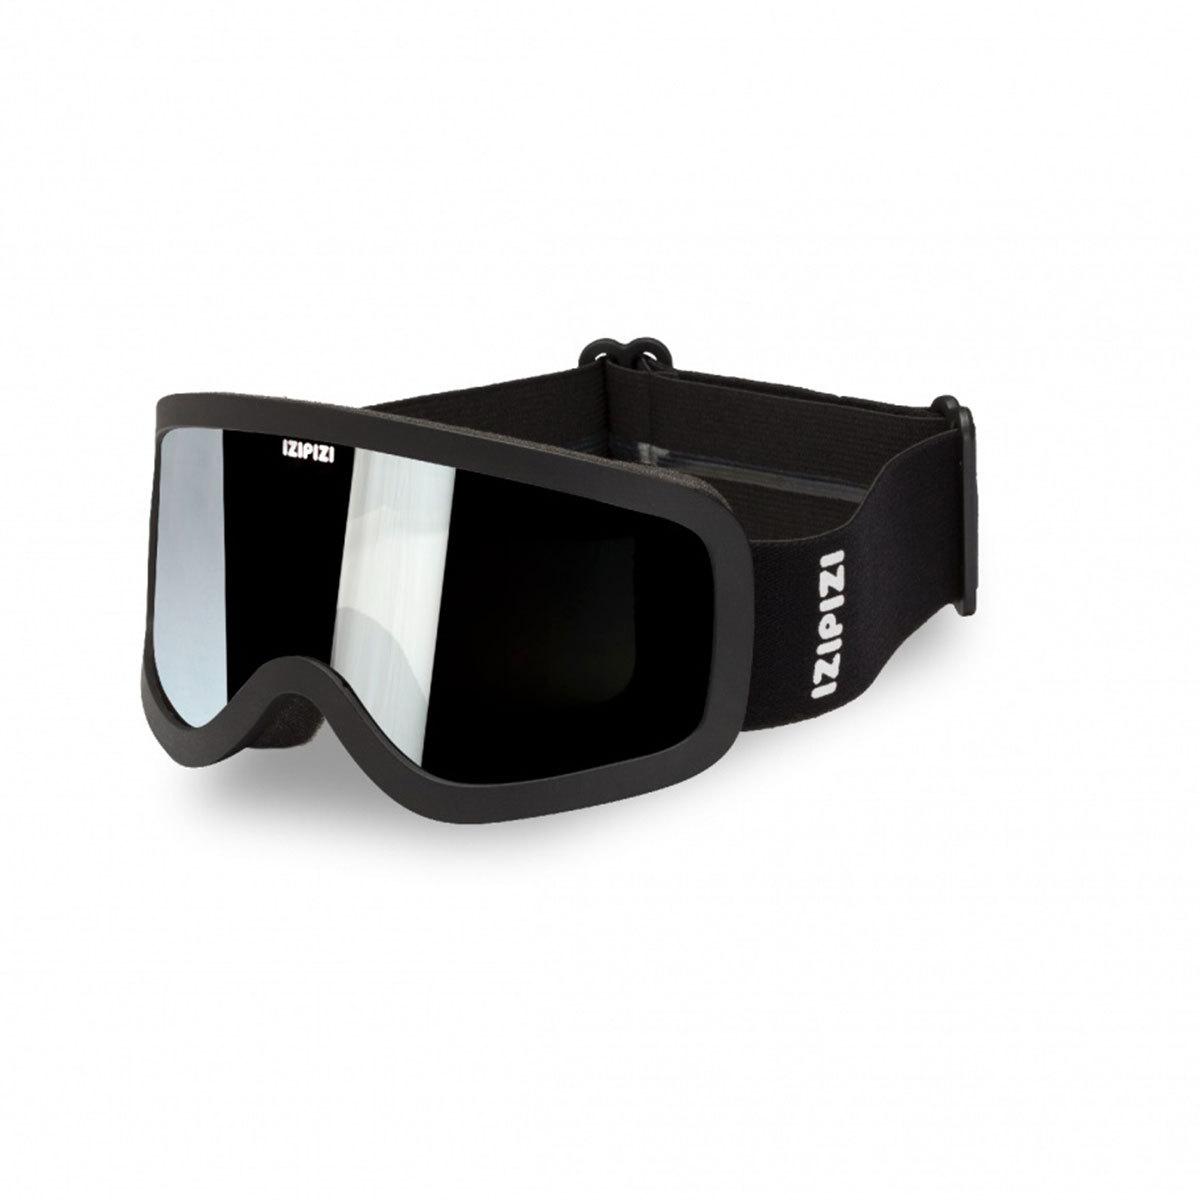 Accessoires bébé Masque de Ski Black - 4/10 Ans Masque de Ski Black - 4/10 Ans